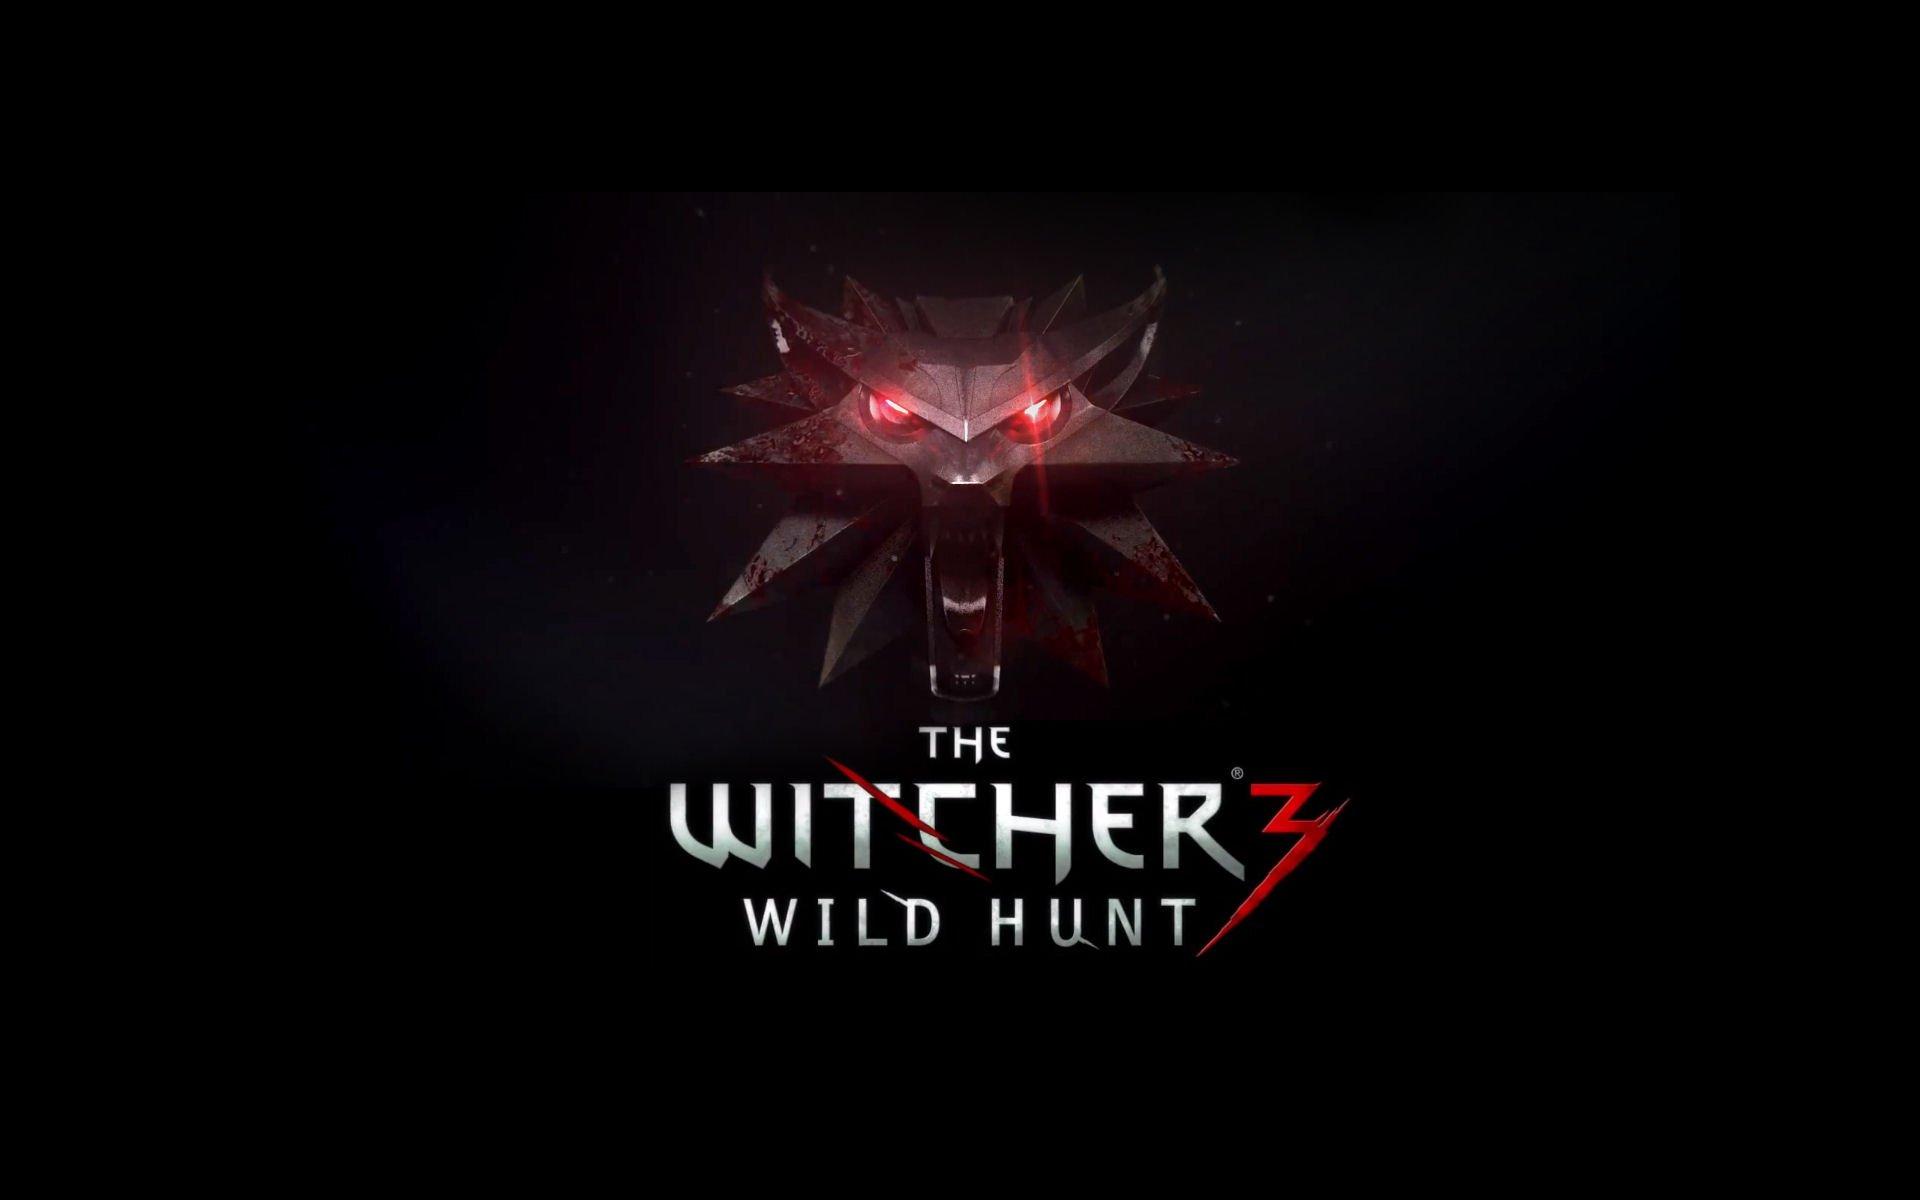 Новые подробности локализации The Witcher 3: Wild Hunt. Примеры озвучивания. - Изображение 1